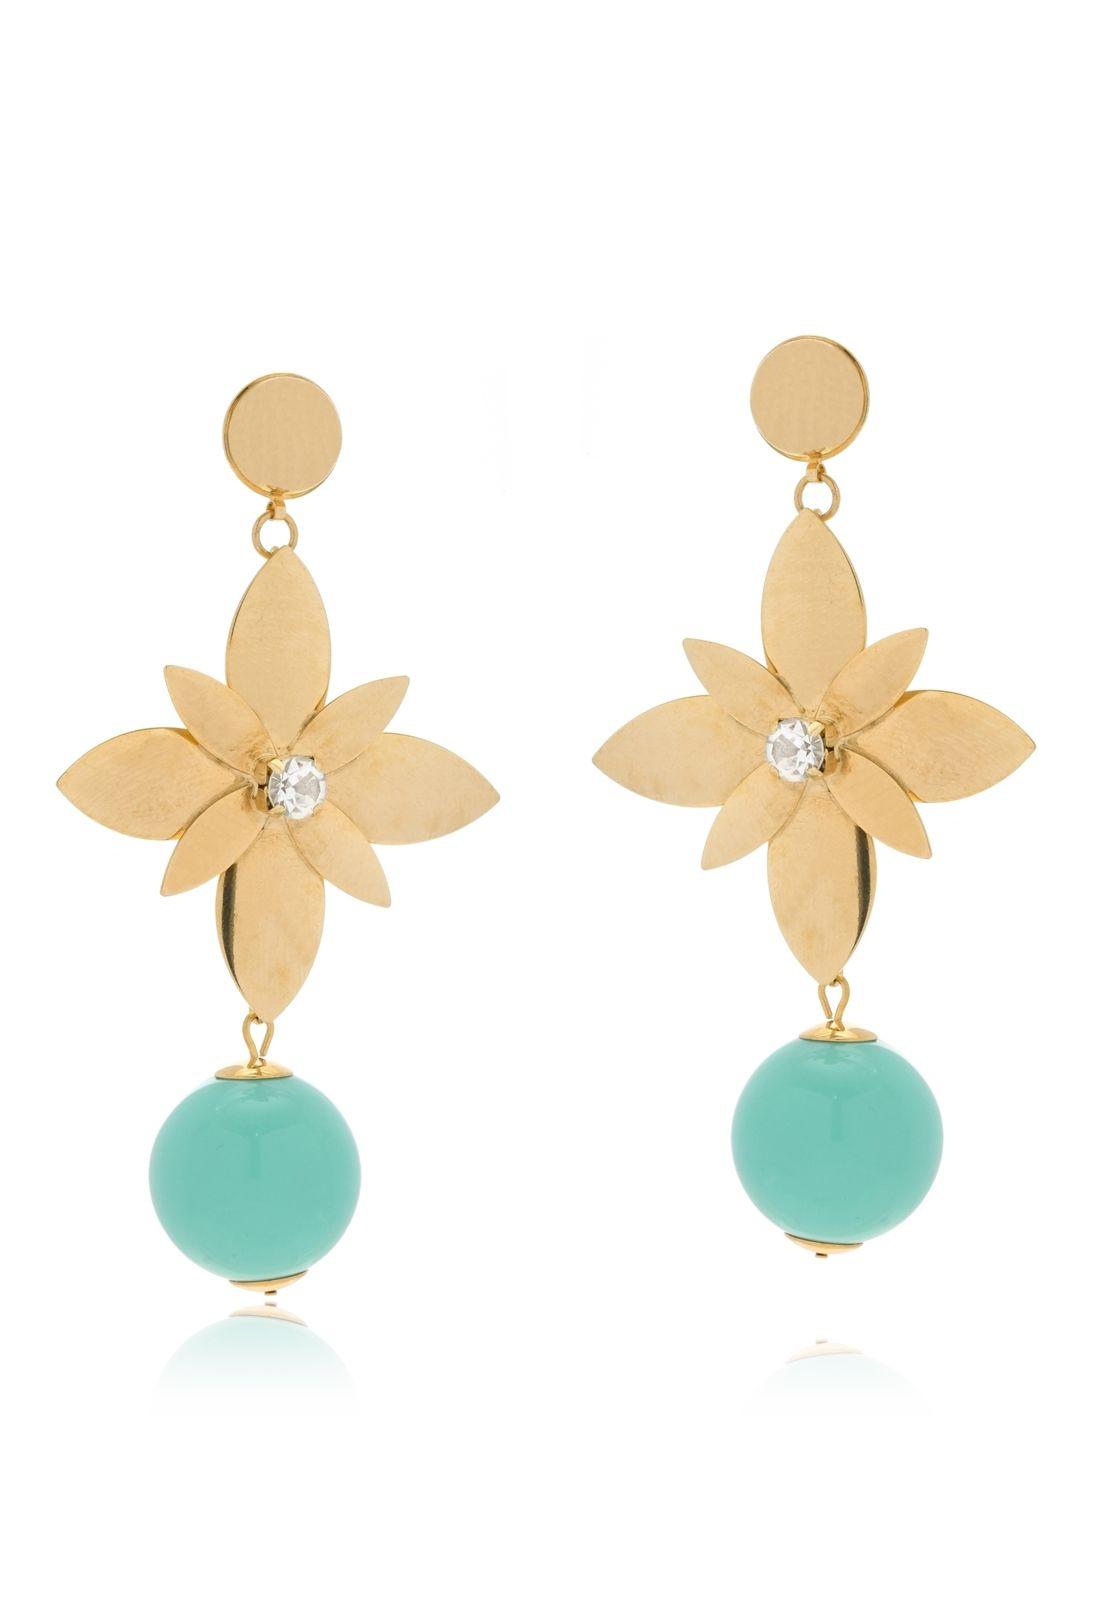 Brinco Le Diamond Flor e Cristal Dourado